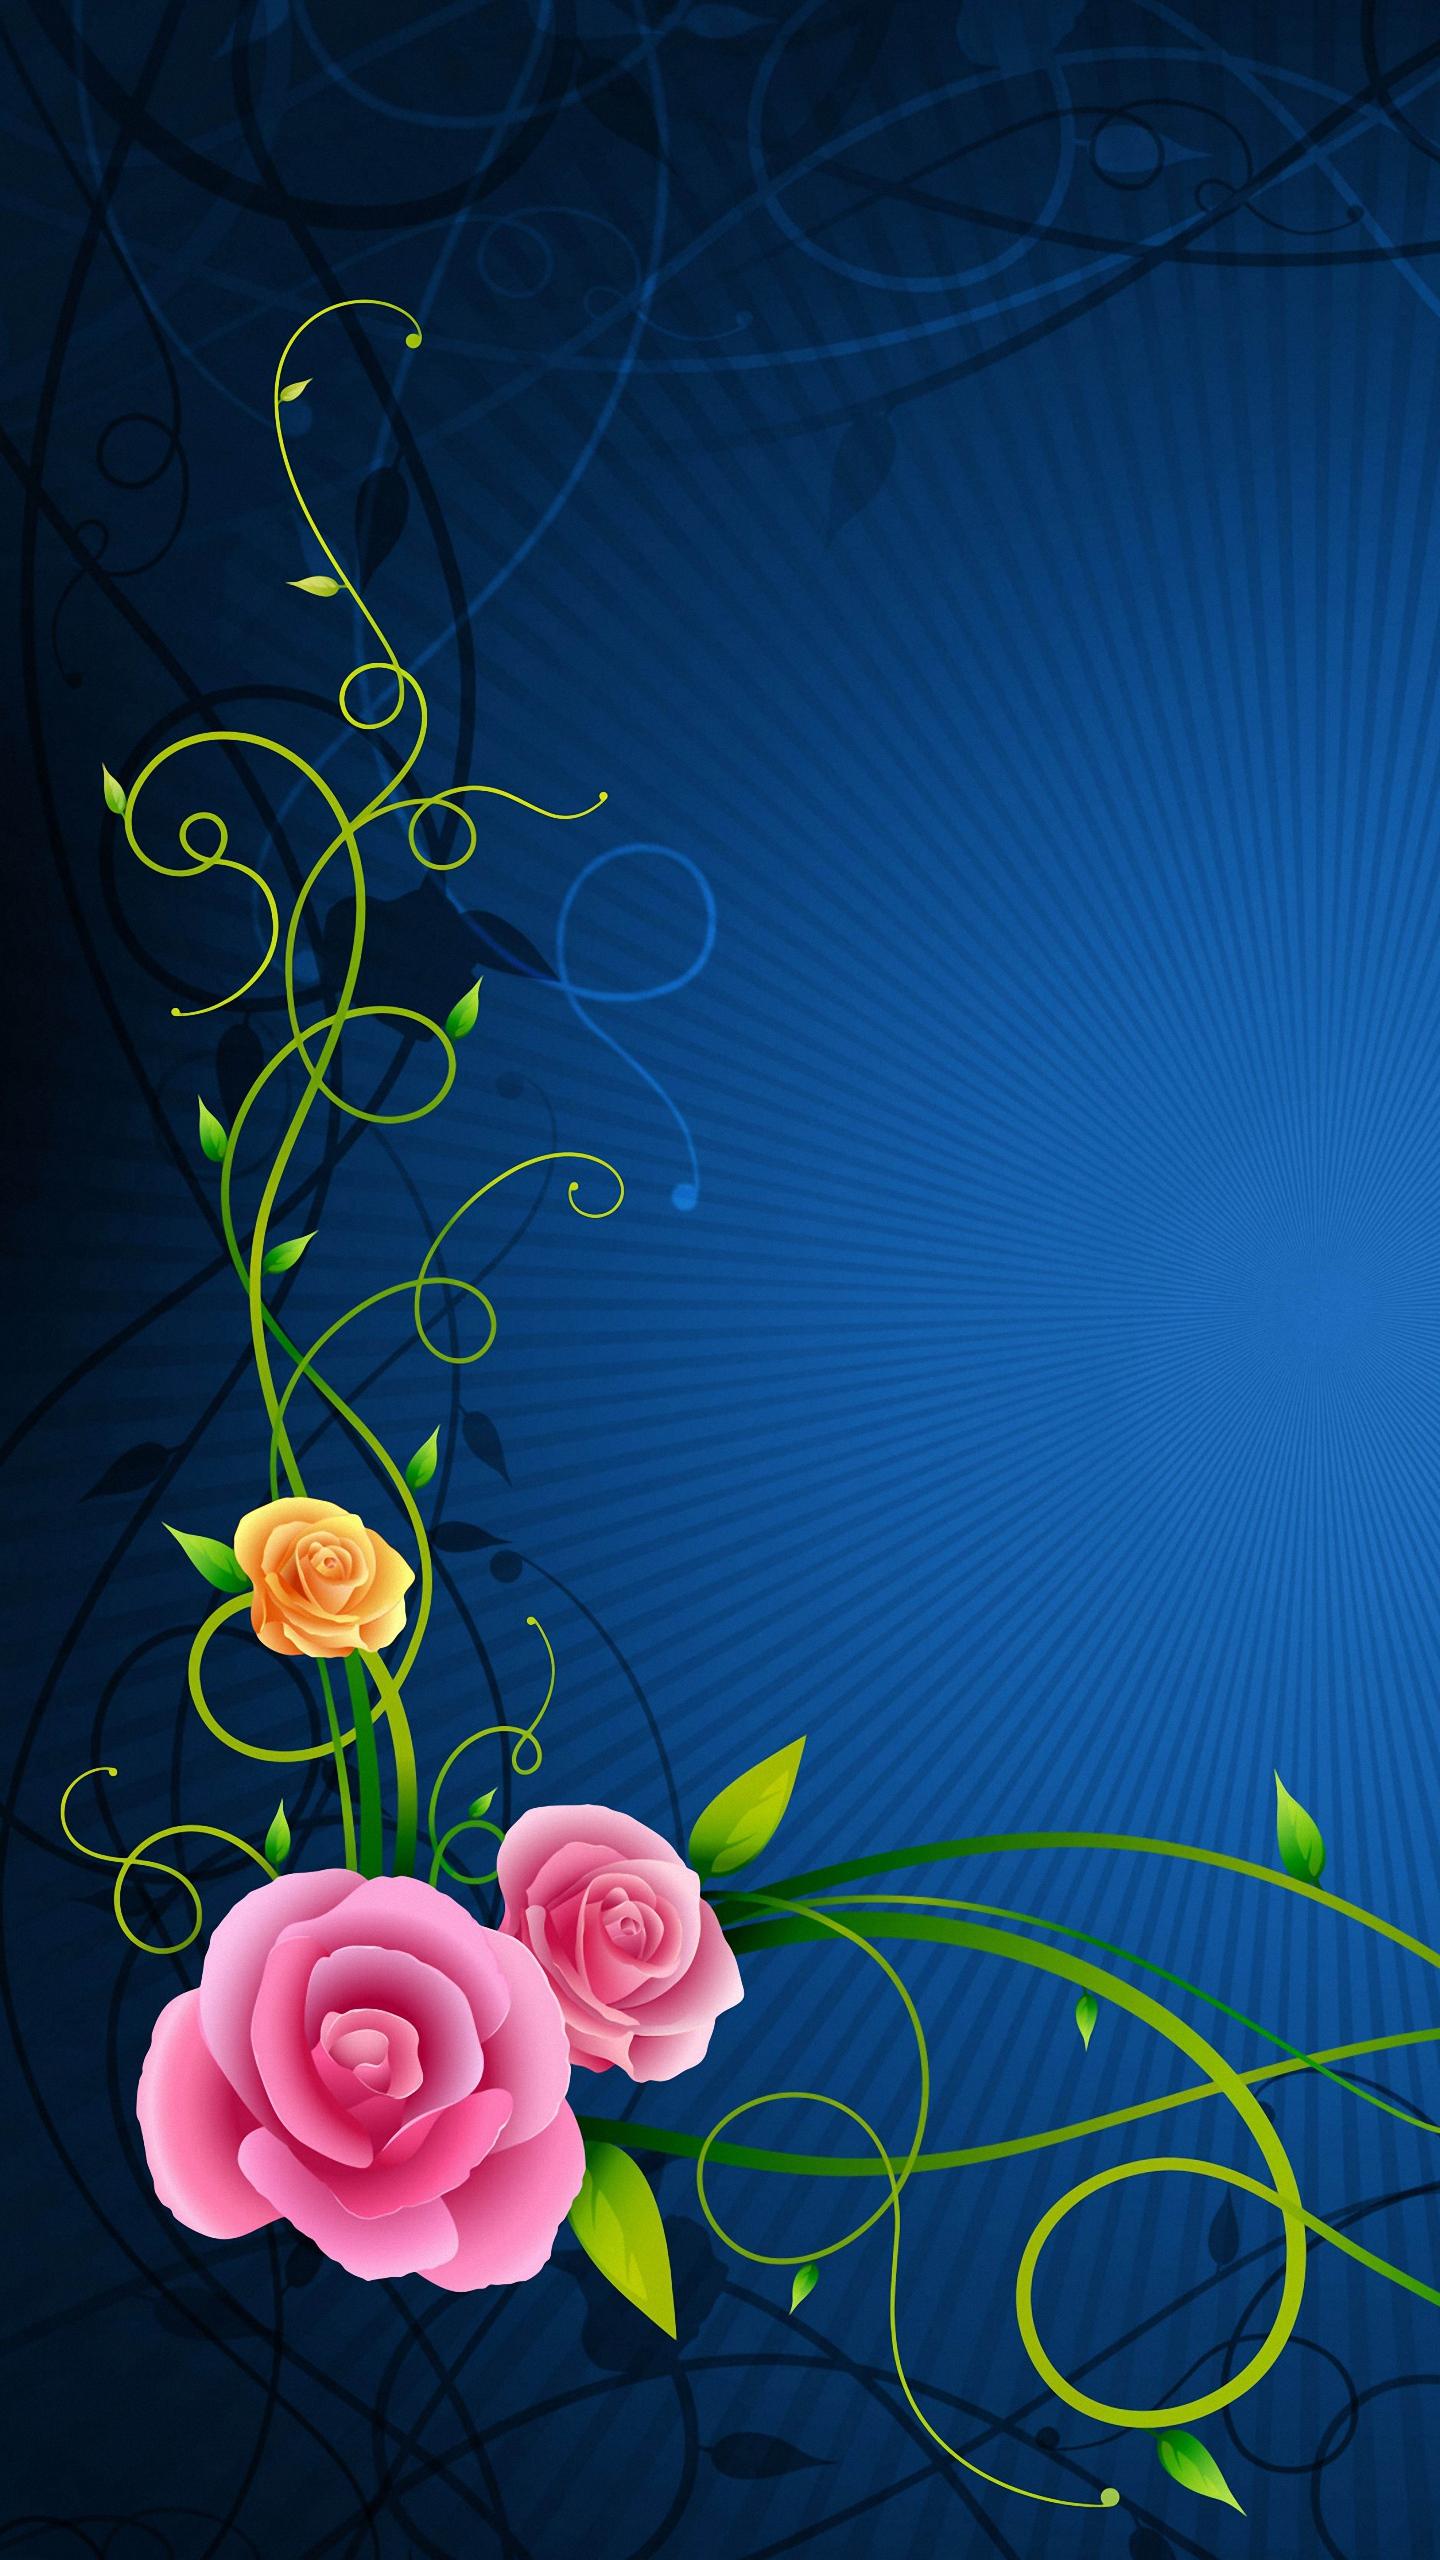 Samsung Galaxy Wallpaper Hd Posted By Samantha Johnson